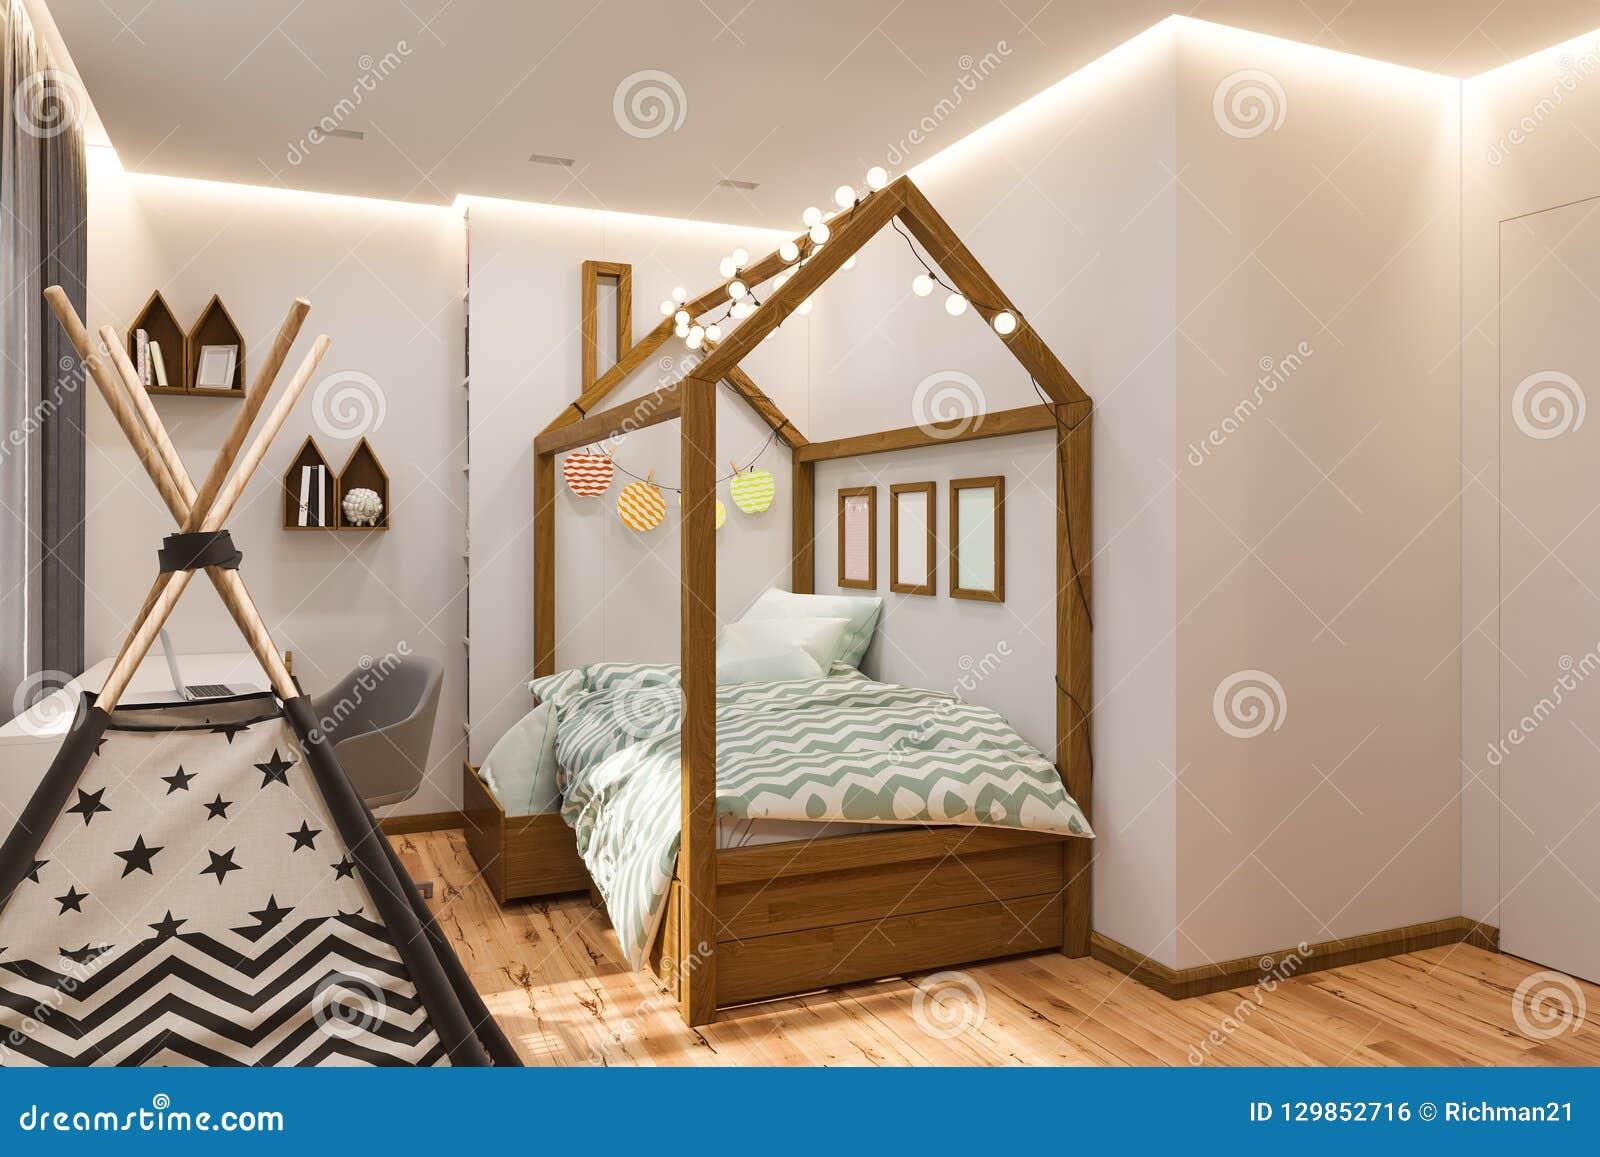 Das Innenarchitektur Spielzimmer Und Das Schlafzimmer Der Kinder ...